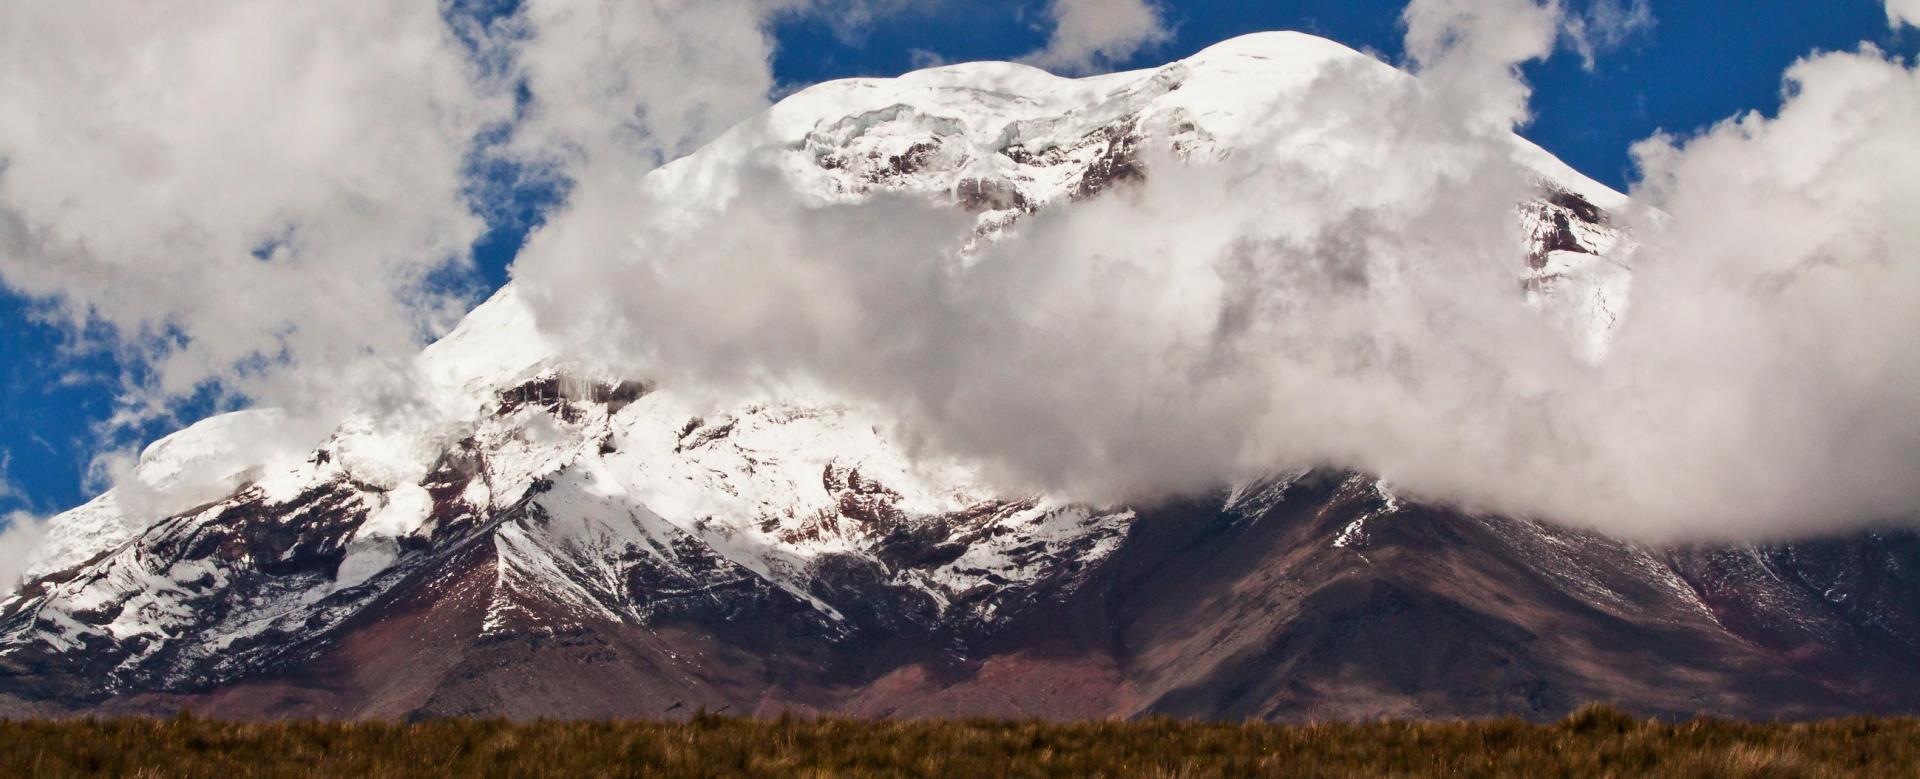 Voyage à pied Équateur : Cotopaxi et chimborazo (20 j)